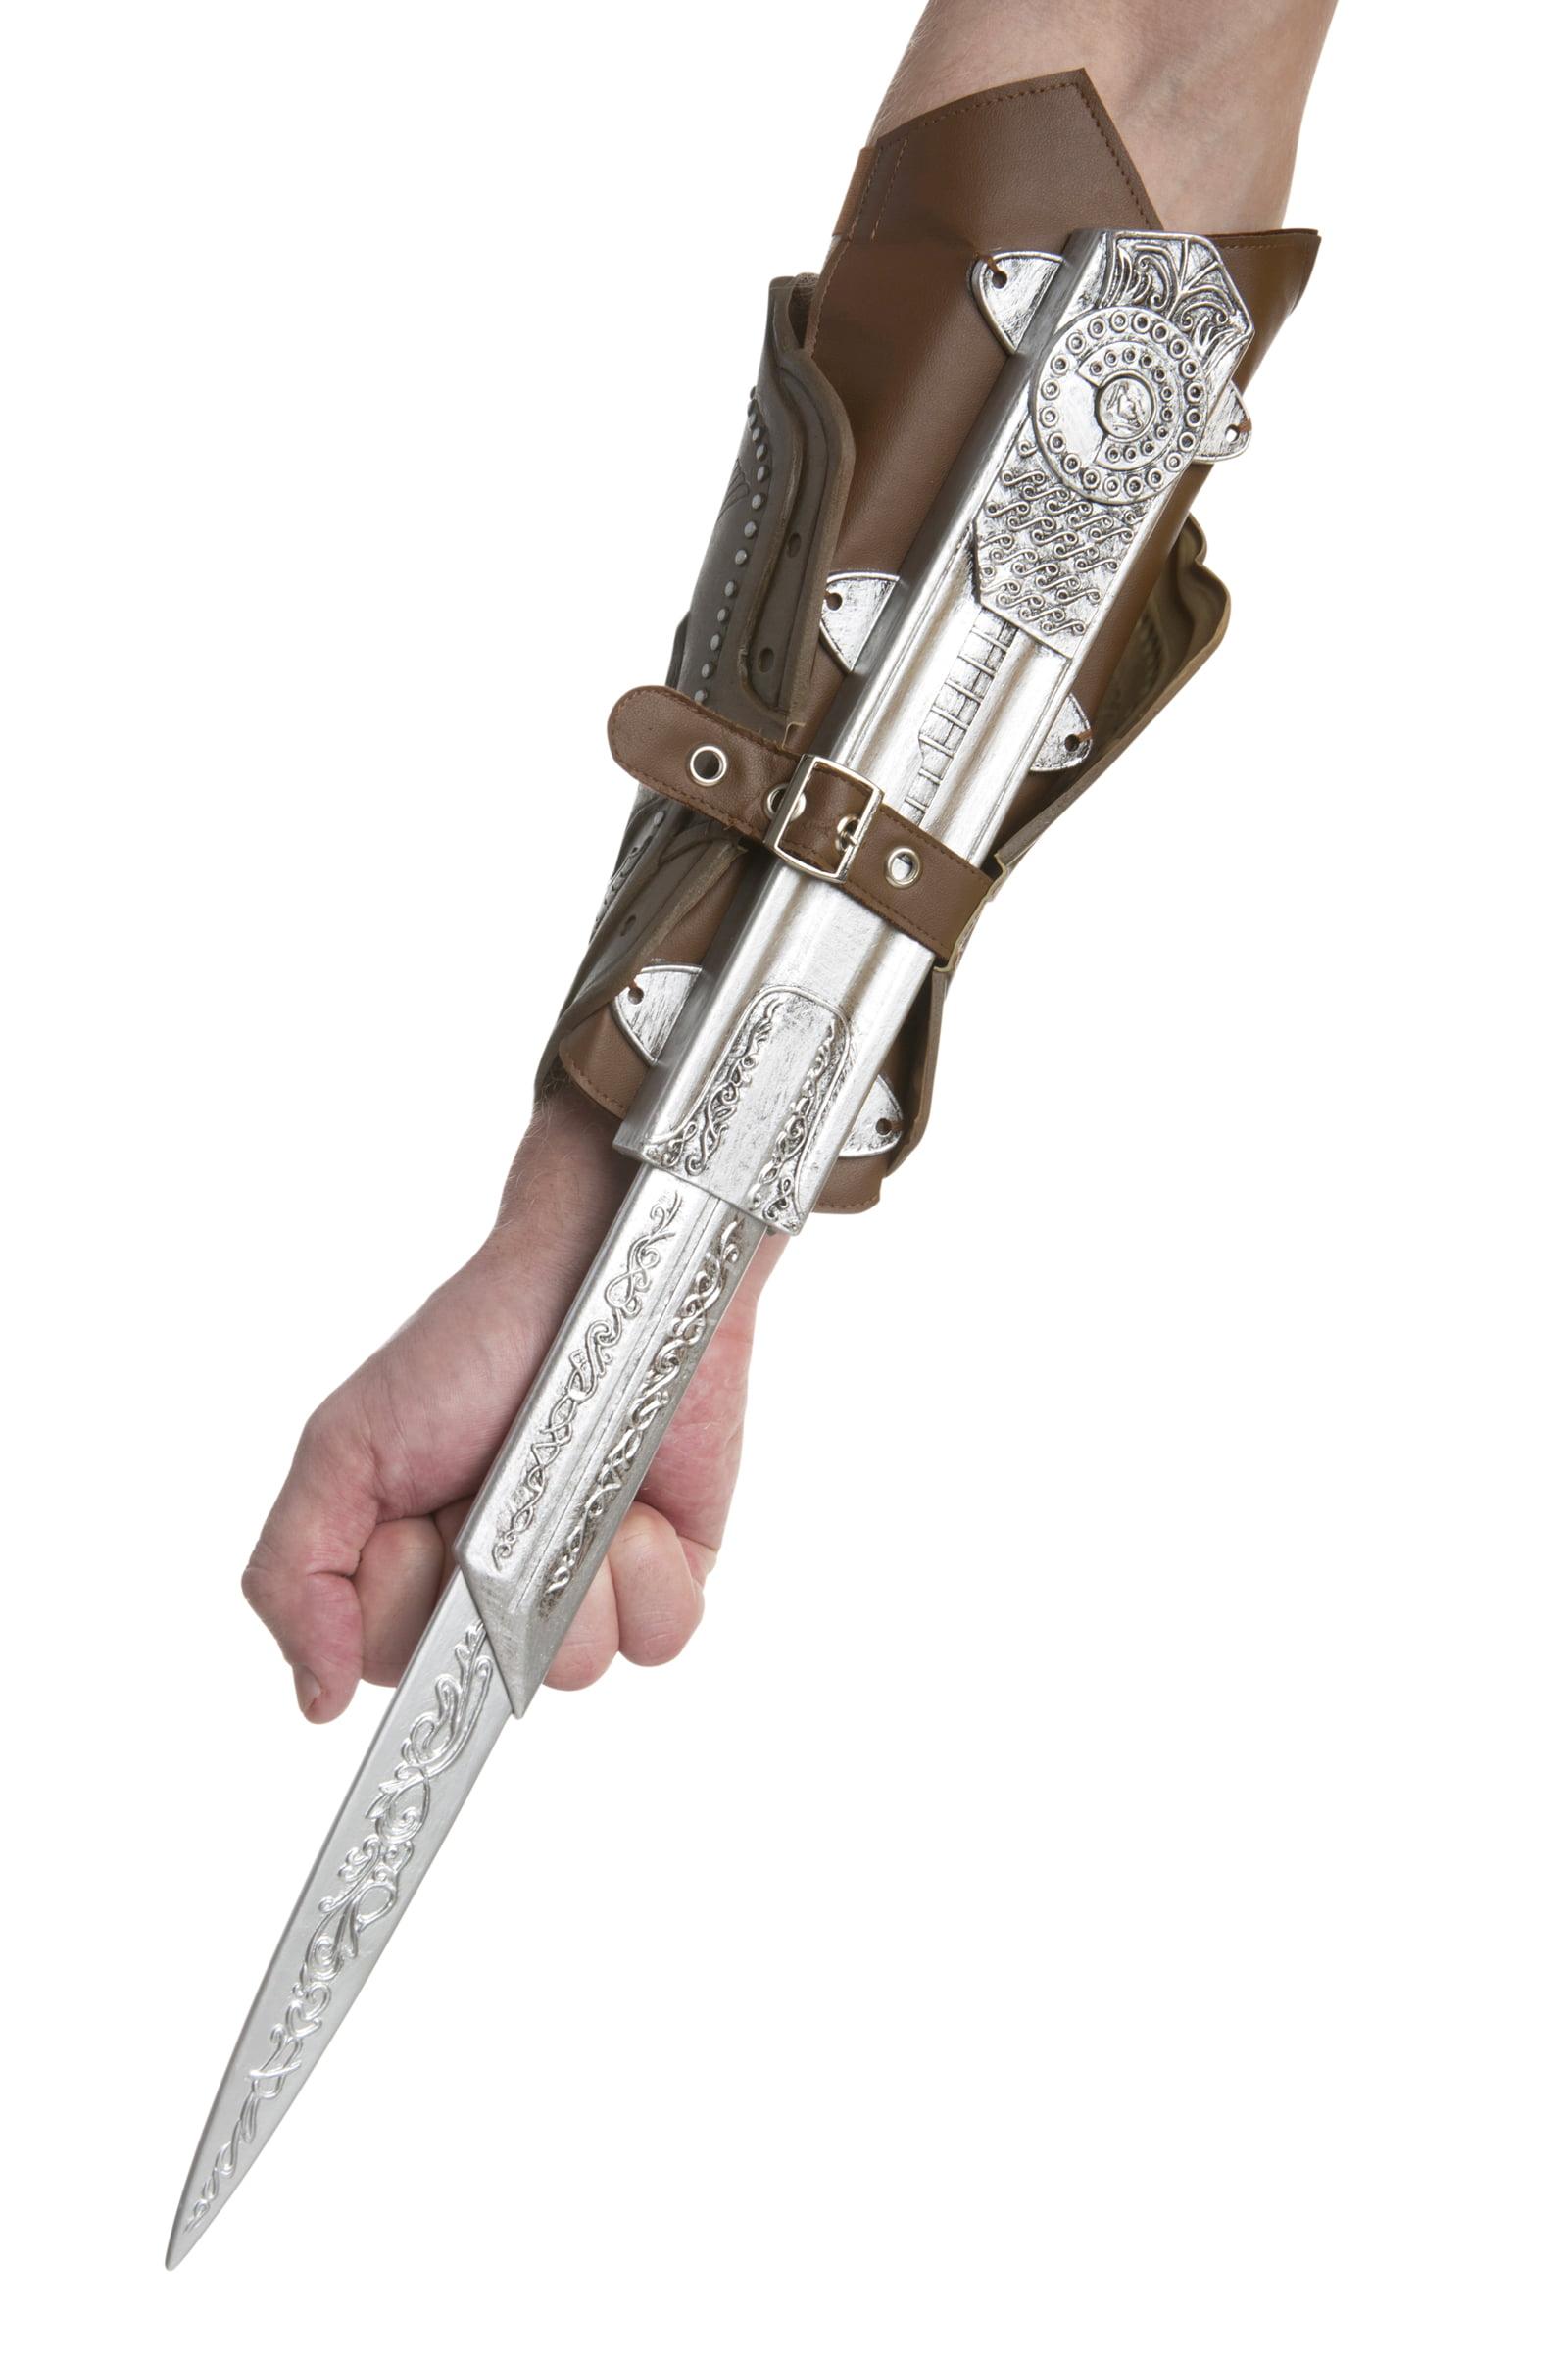 Ezio S Hidden Blade Assassin S Creed Toy Bladed Gauntlet 92099 Walmart Com Walmart Com